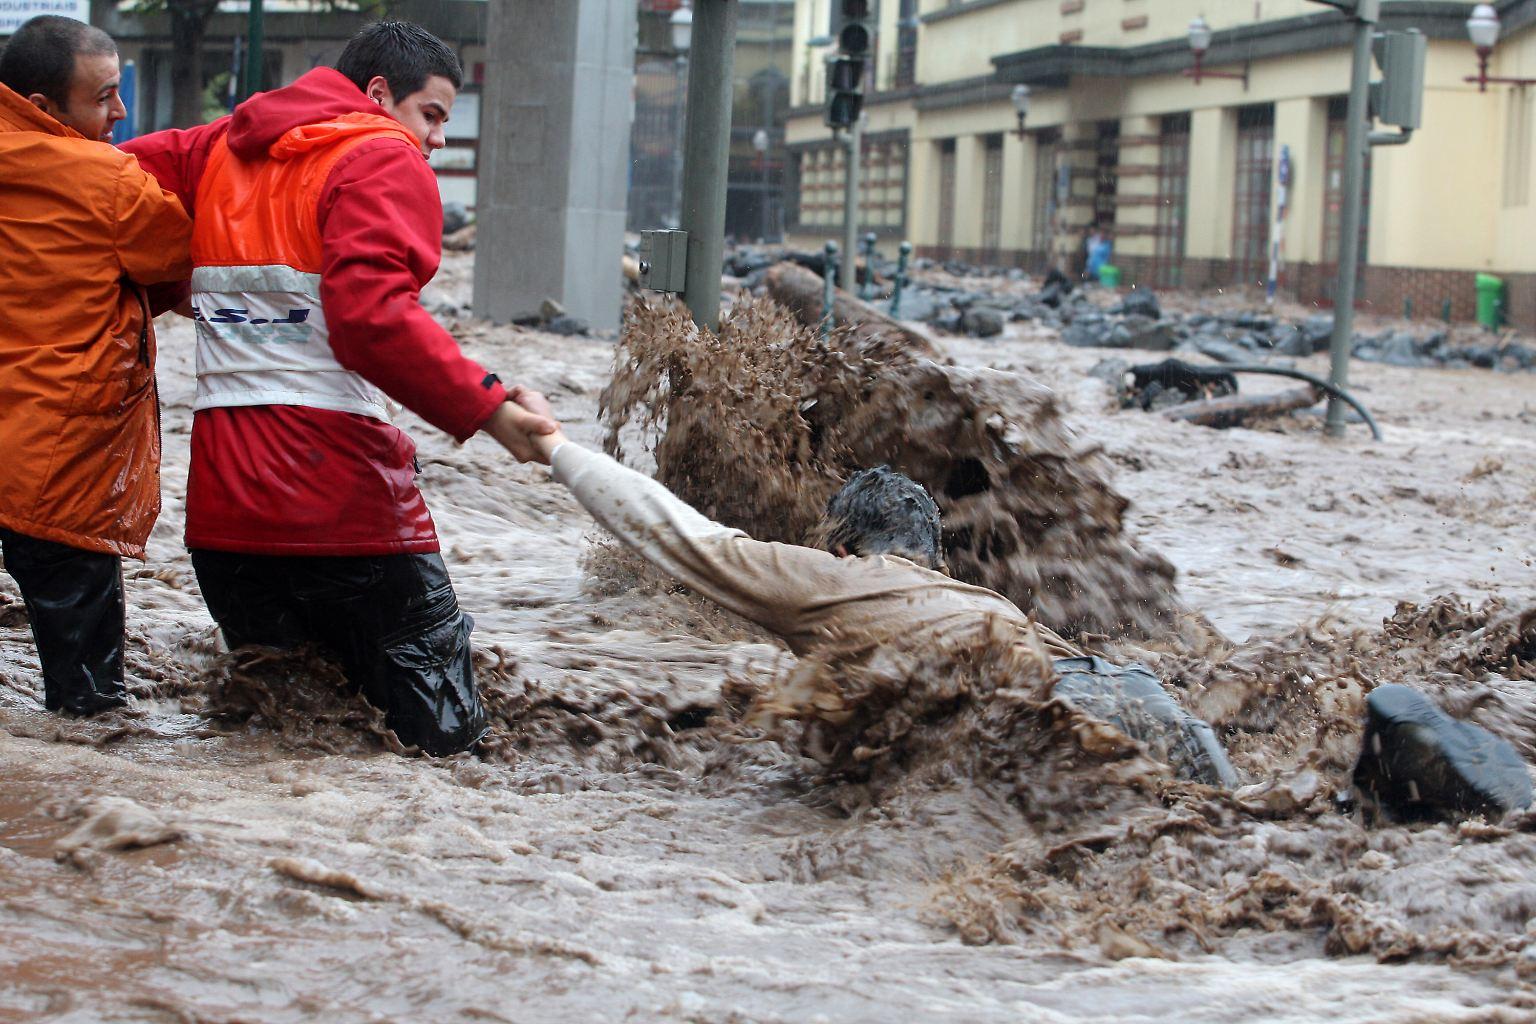 Portugal_Madeira_Floods_XAF108.jpg4677616476354316156.jpg